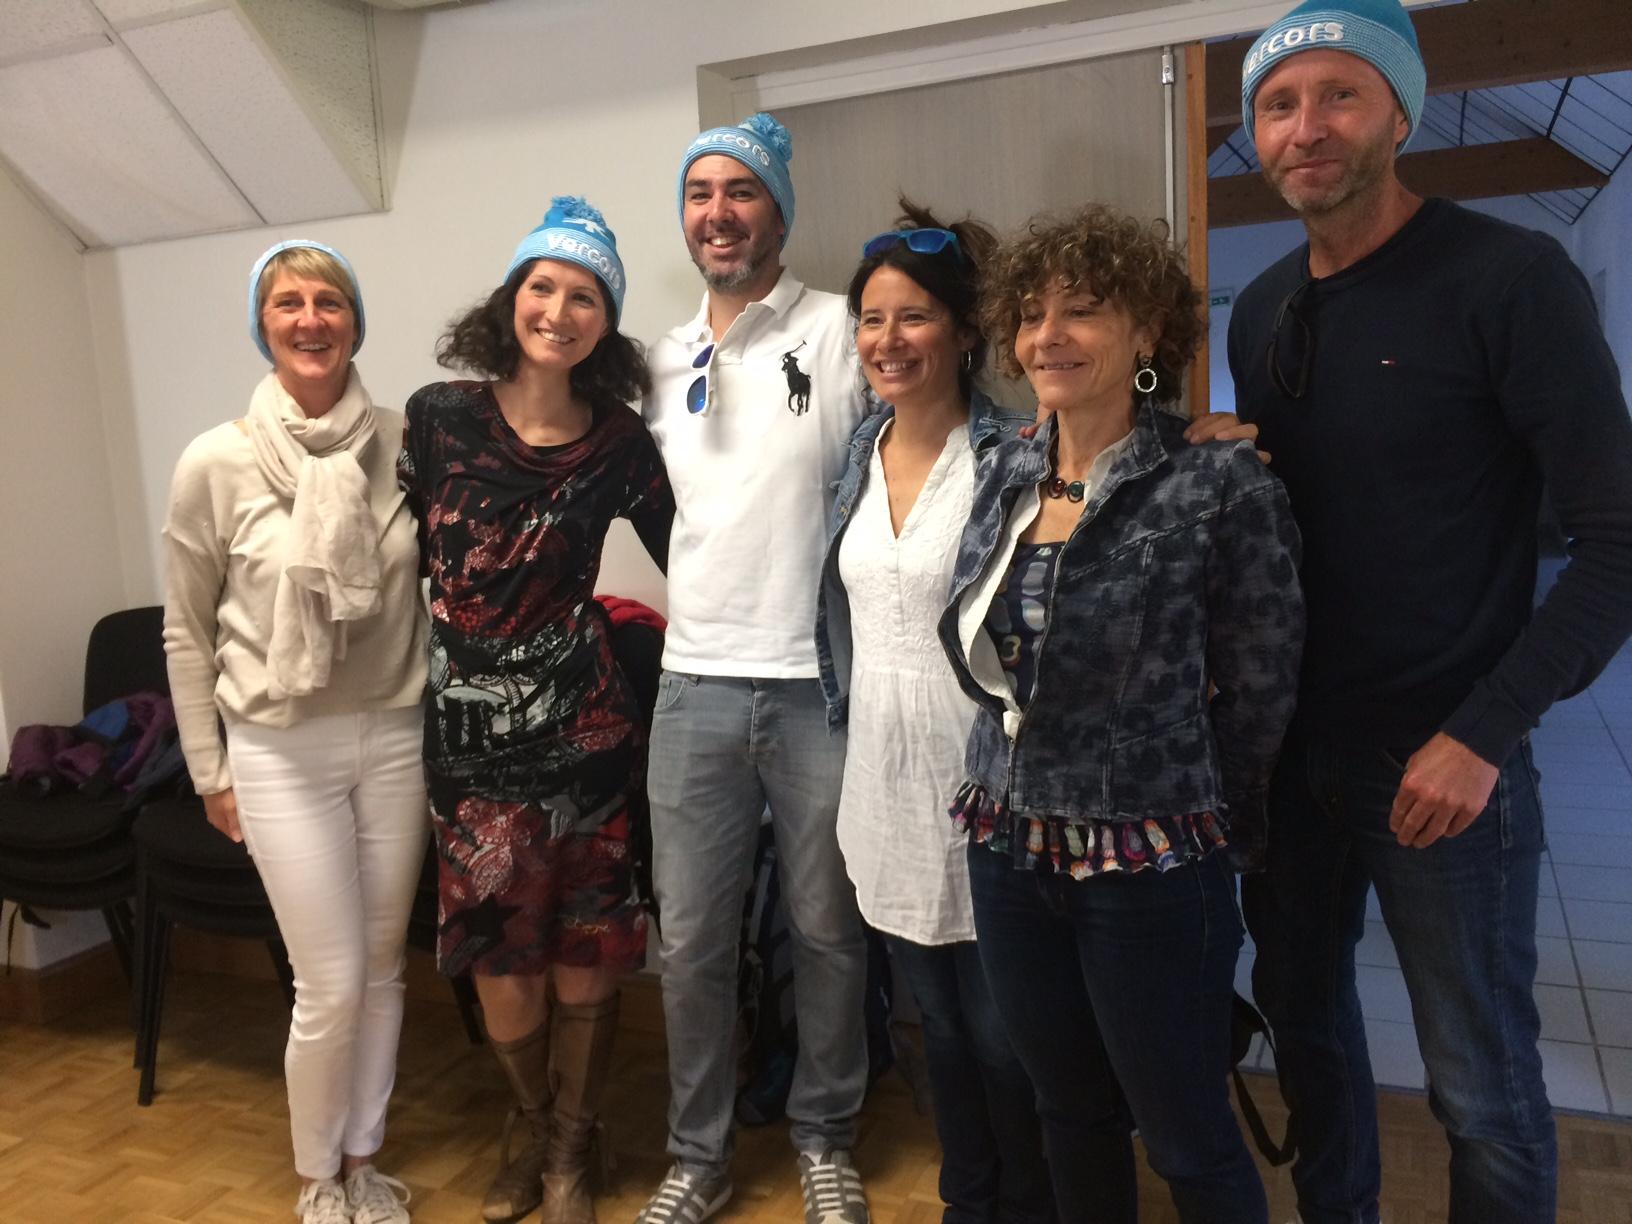 Les enfants de Lans en Vercors ont été  accueillis pour une soirée chez leurs correspondants des 2 écoles .. pendant ce temps les 7 accompagnateurs étaient reçus en mairie par les élus, les enseignants  et le comité de jumelage                          Trévou-Tréguignec